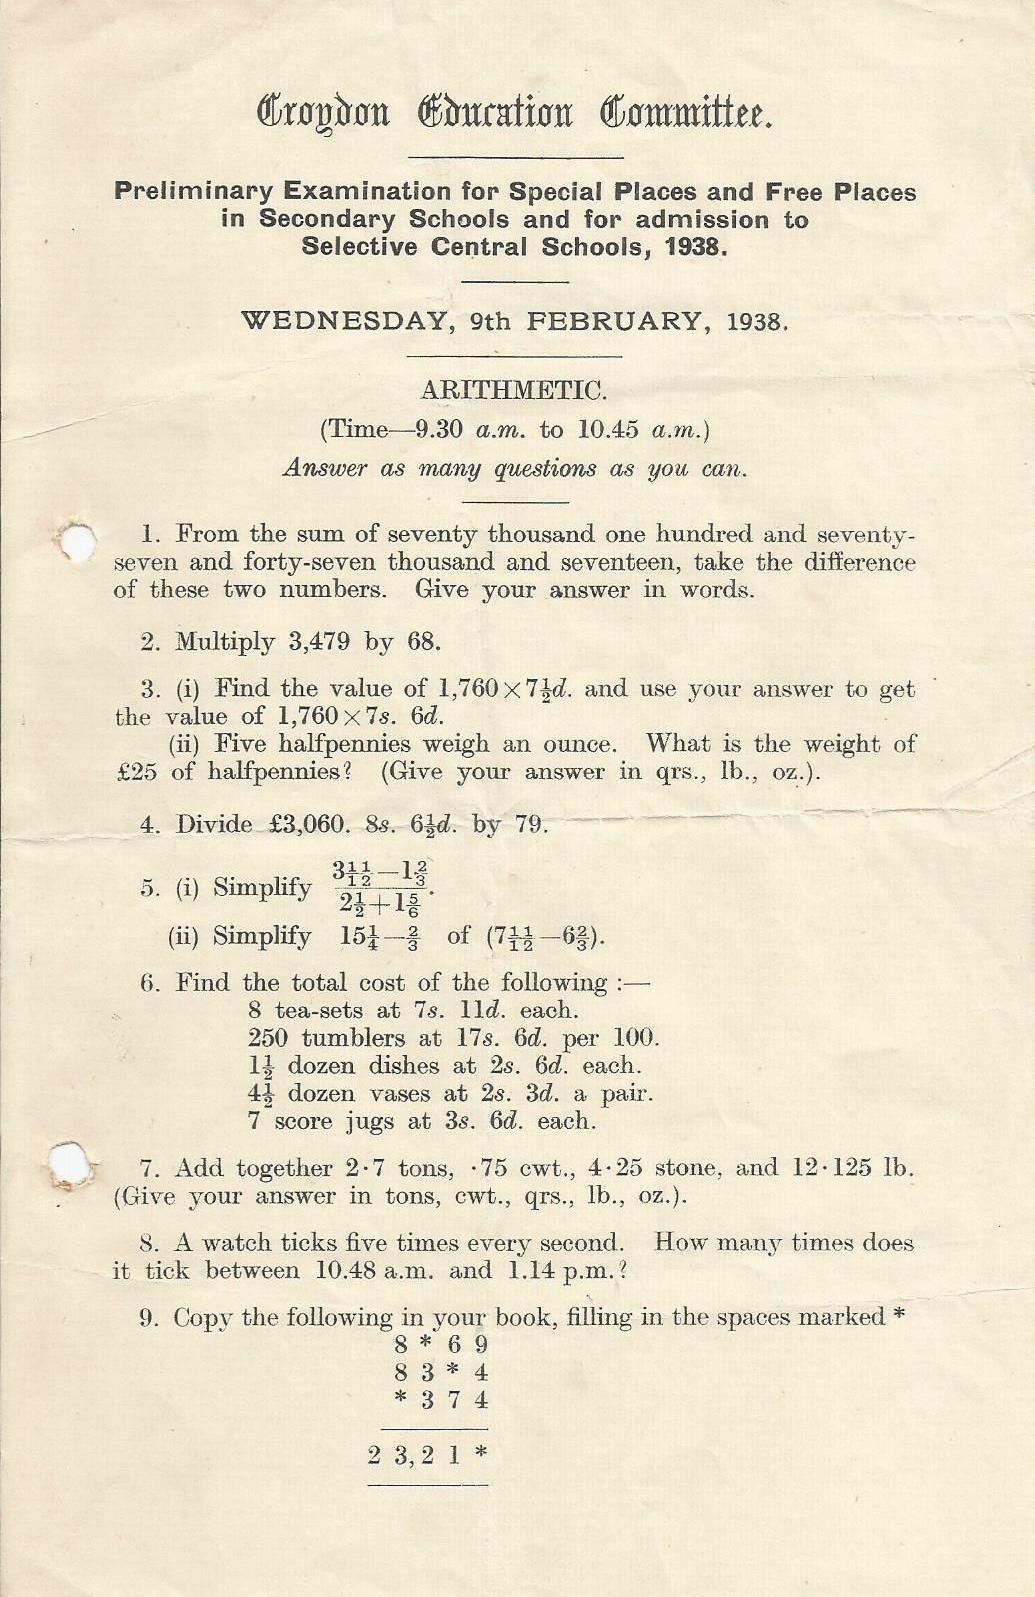 prelim entrance exam arithmetic 9.2.1938